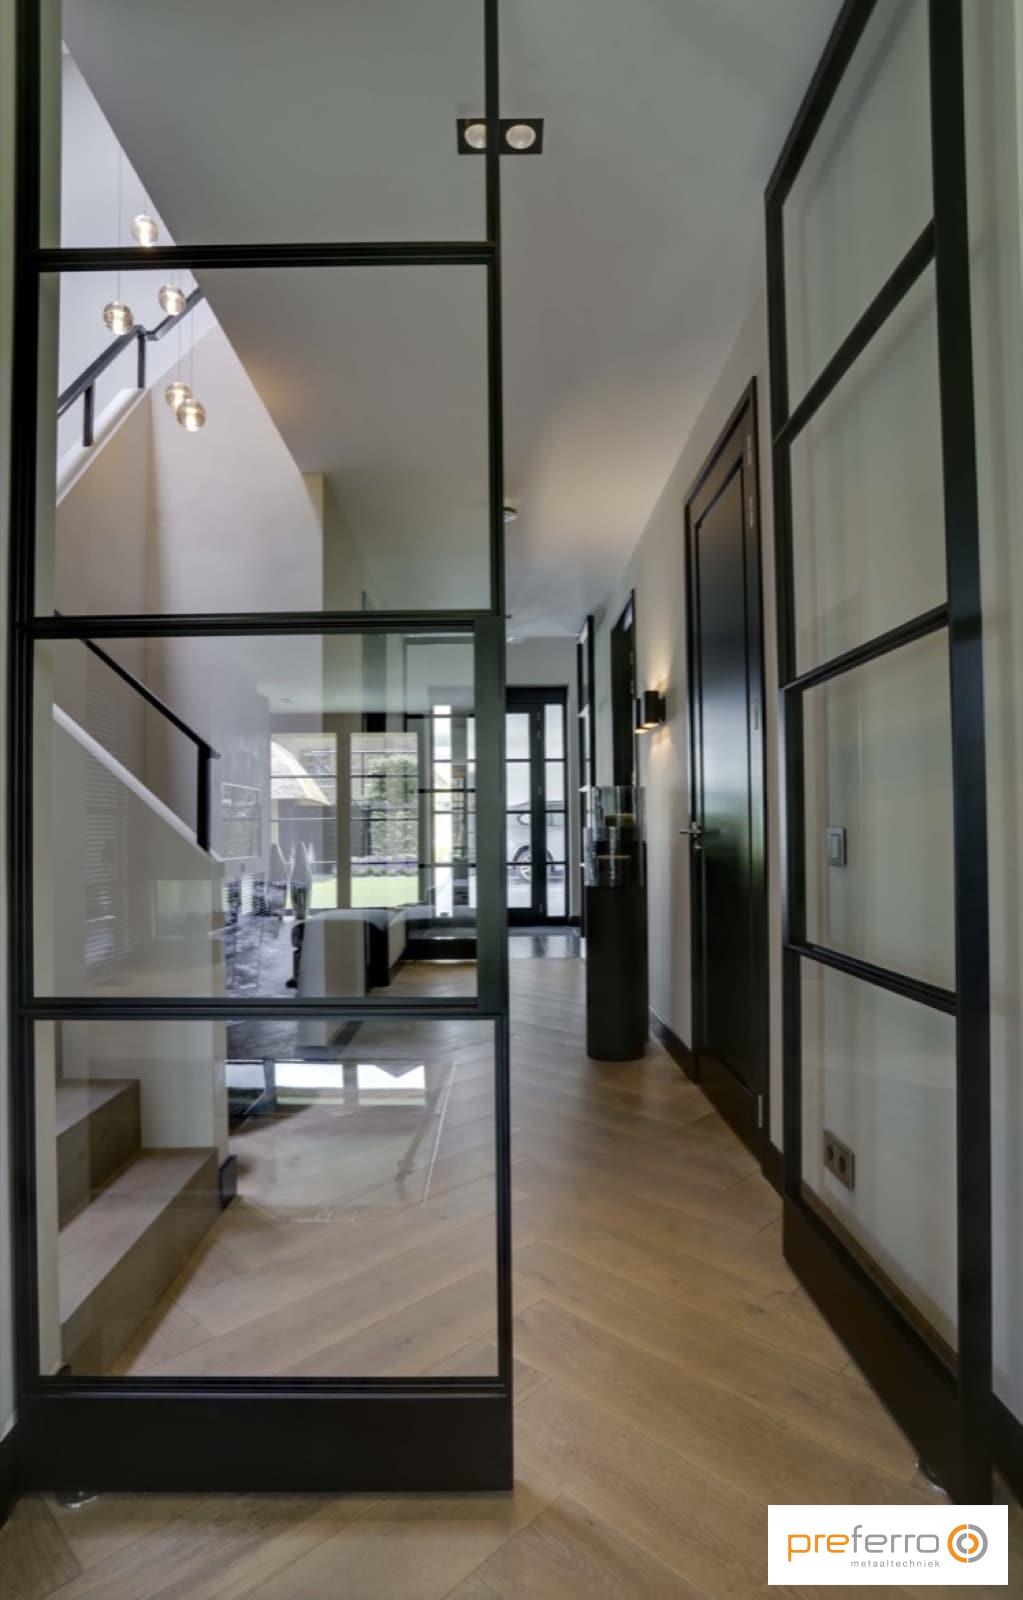 Dubbele binnendeuren met glas